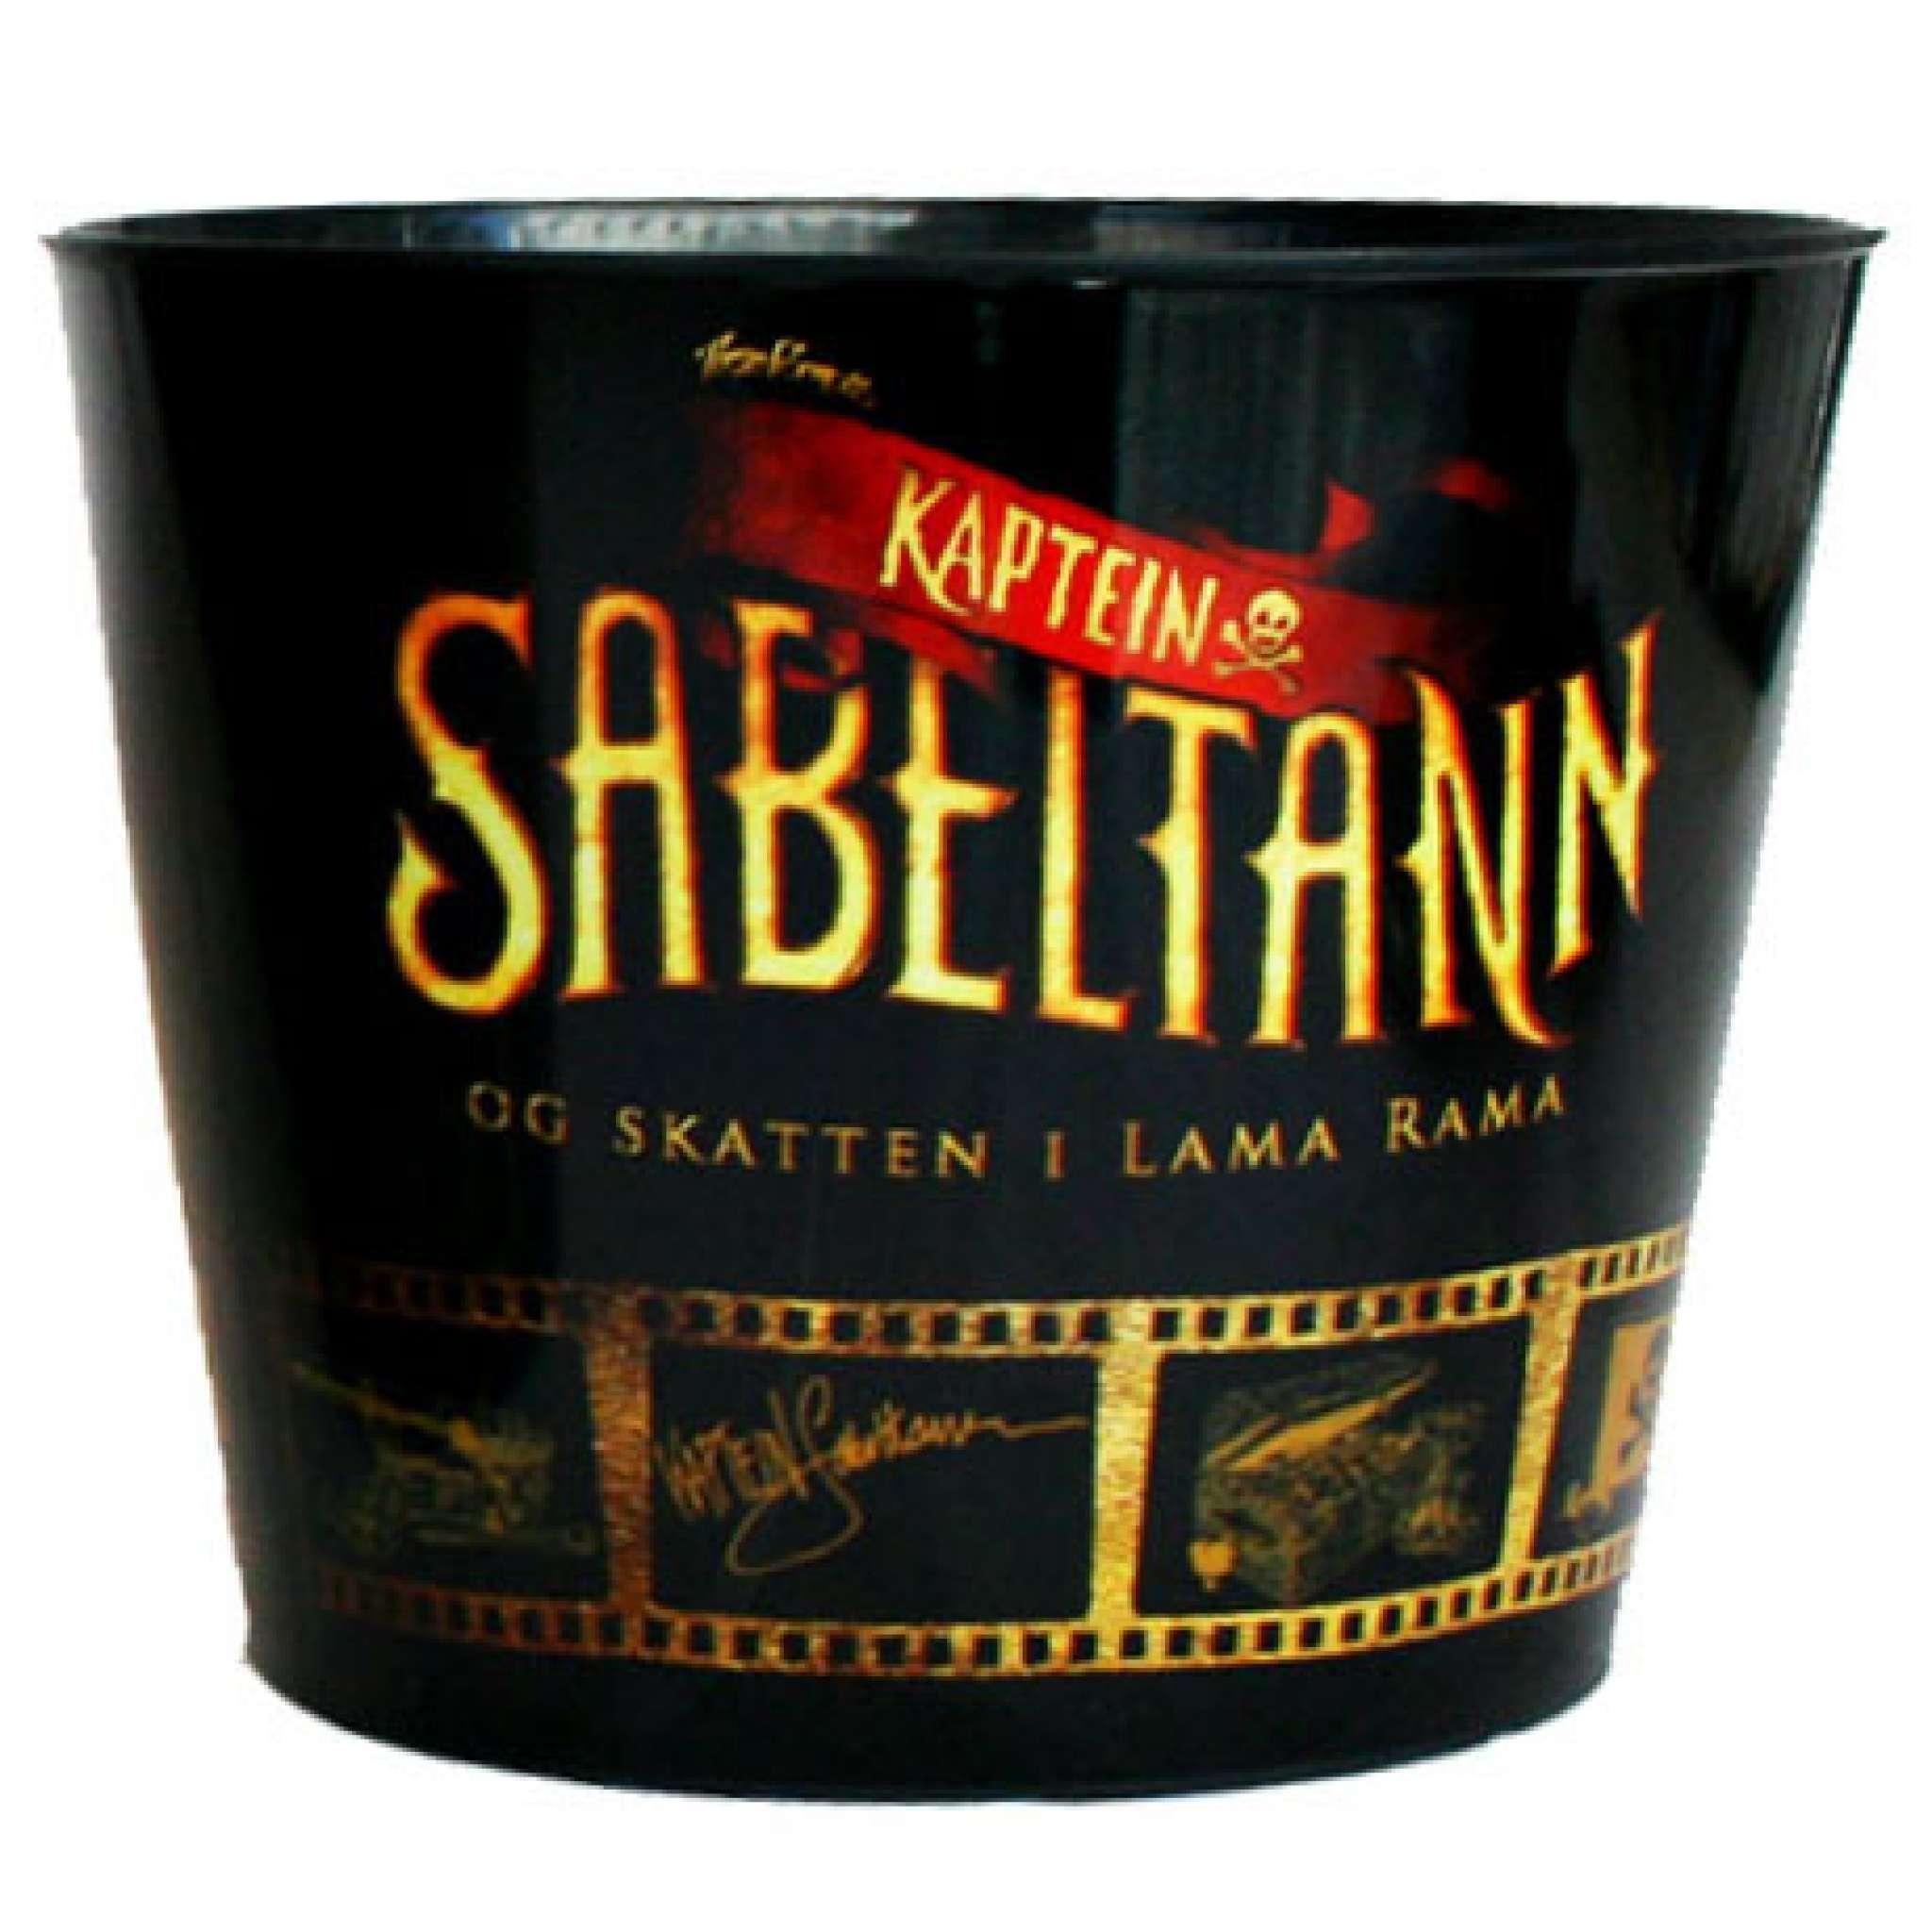 Kaptein Sabeltann Popcornbeger